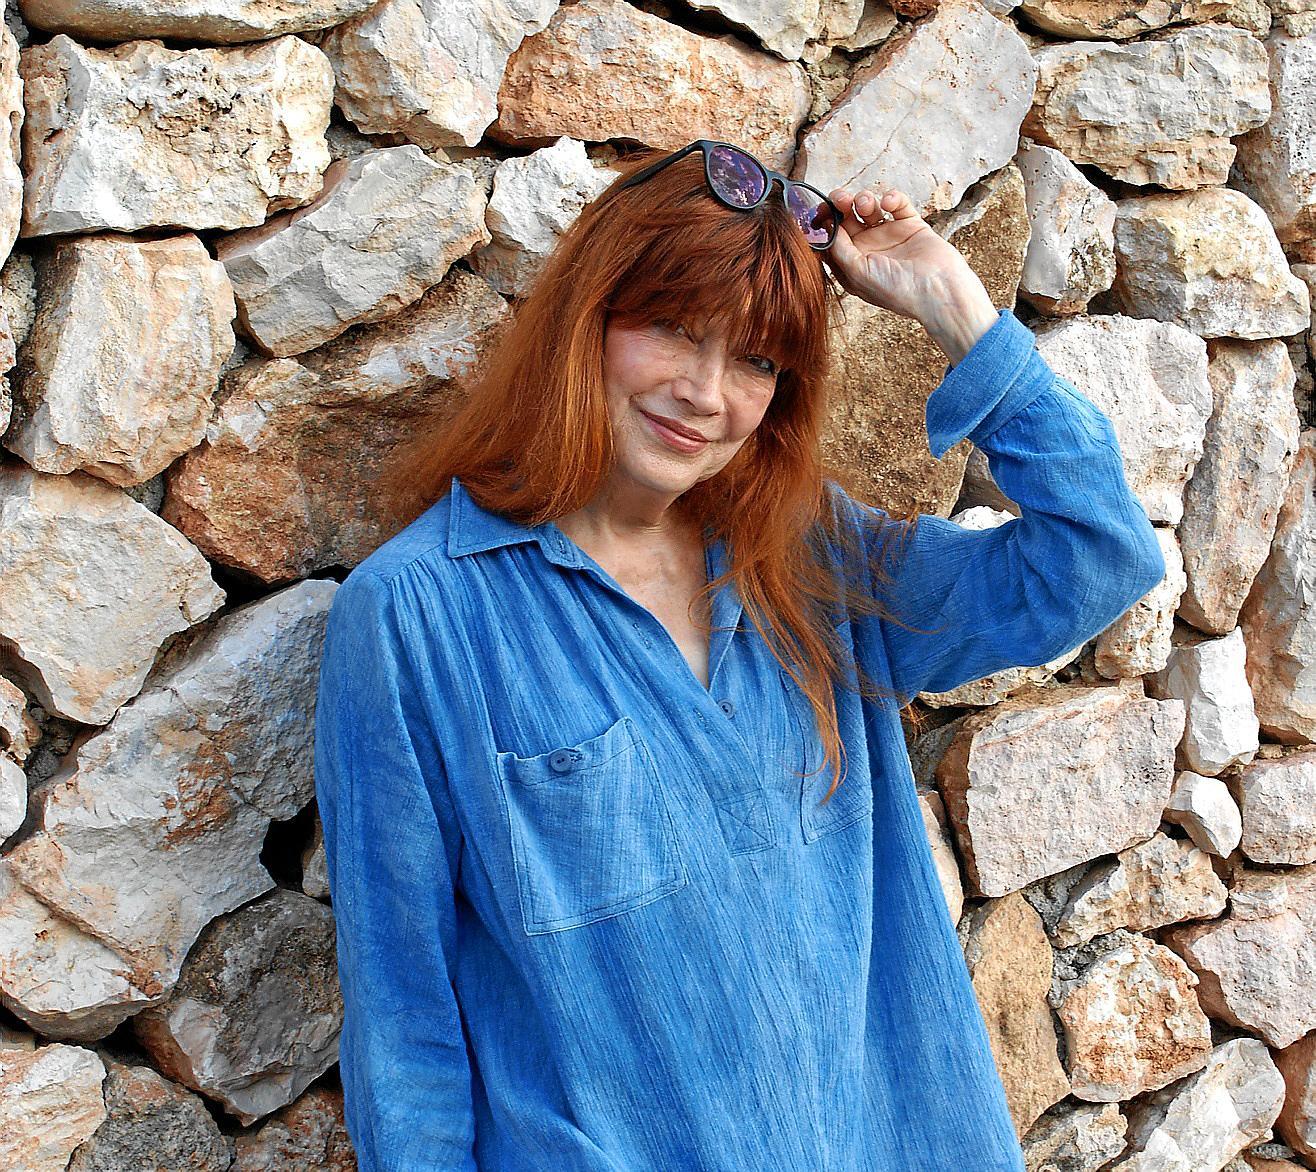 Katja ebstein im mm interview kultur nachrichten for Nachrichten magazin